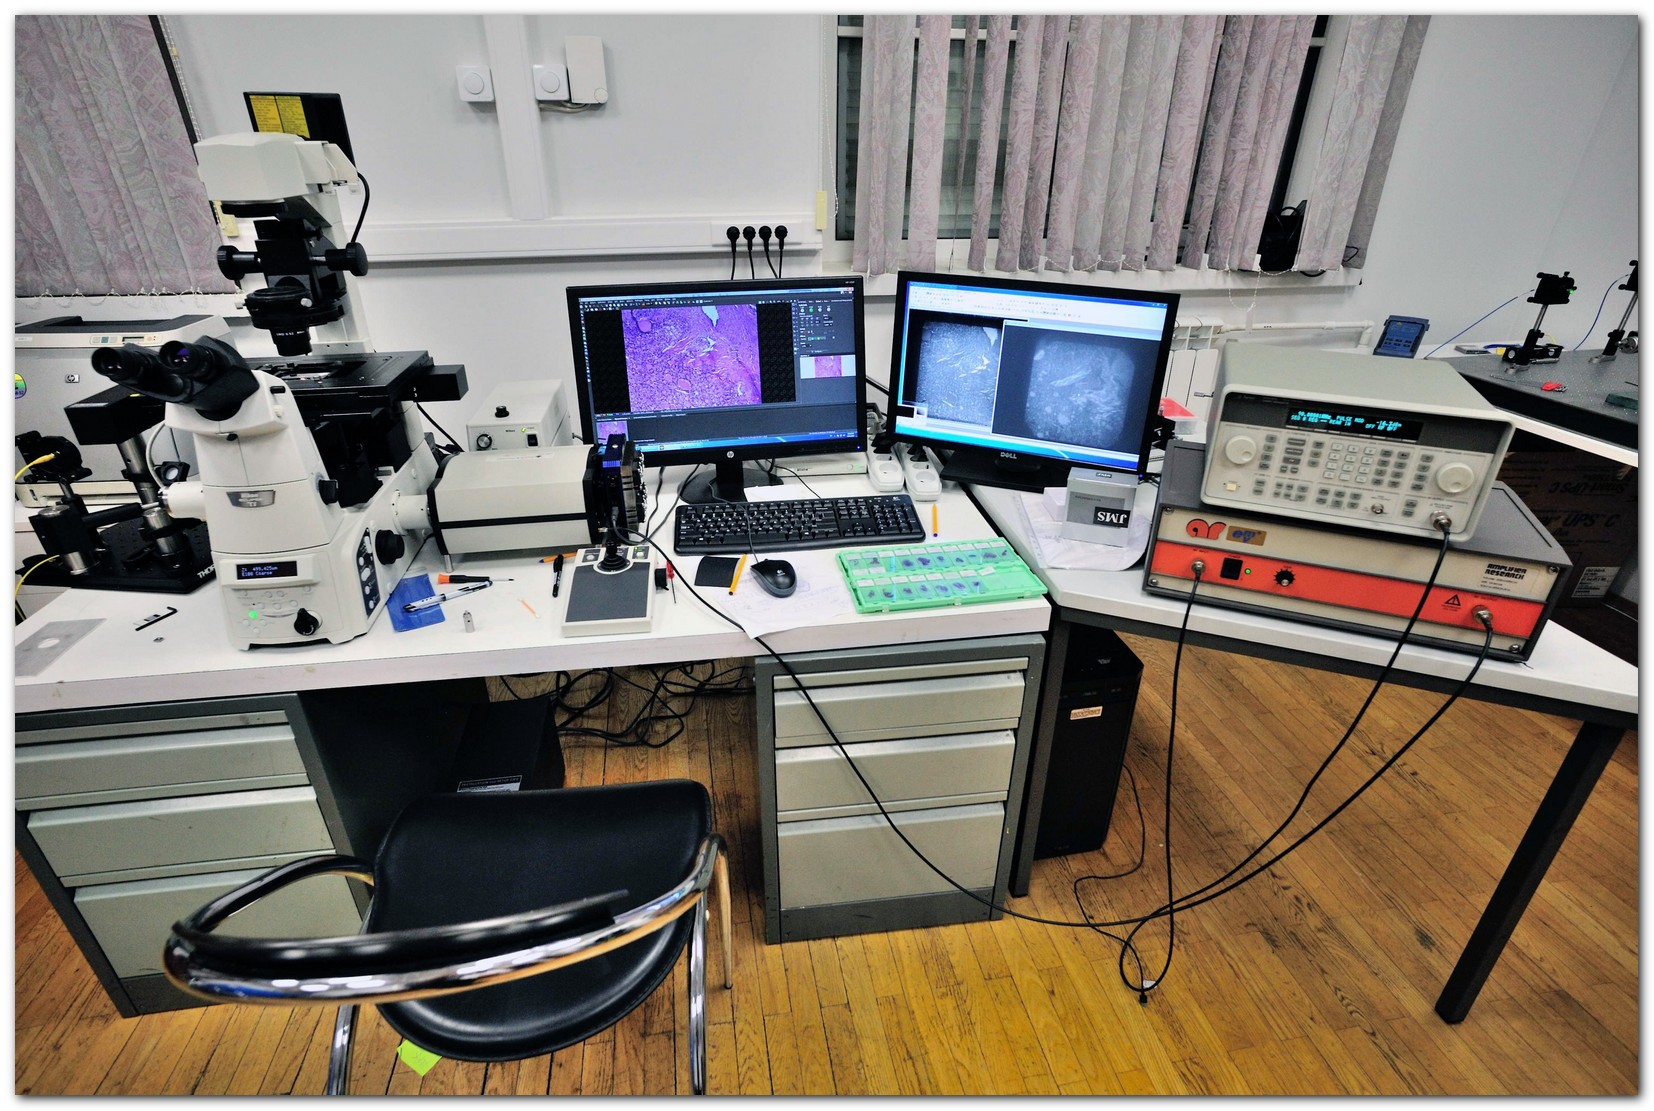 «Диагностировать рак поможет лазер», или Как устроен лазерный флуоресцентный гиперспектральный микроскоп - 1